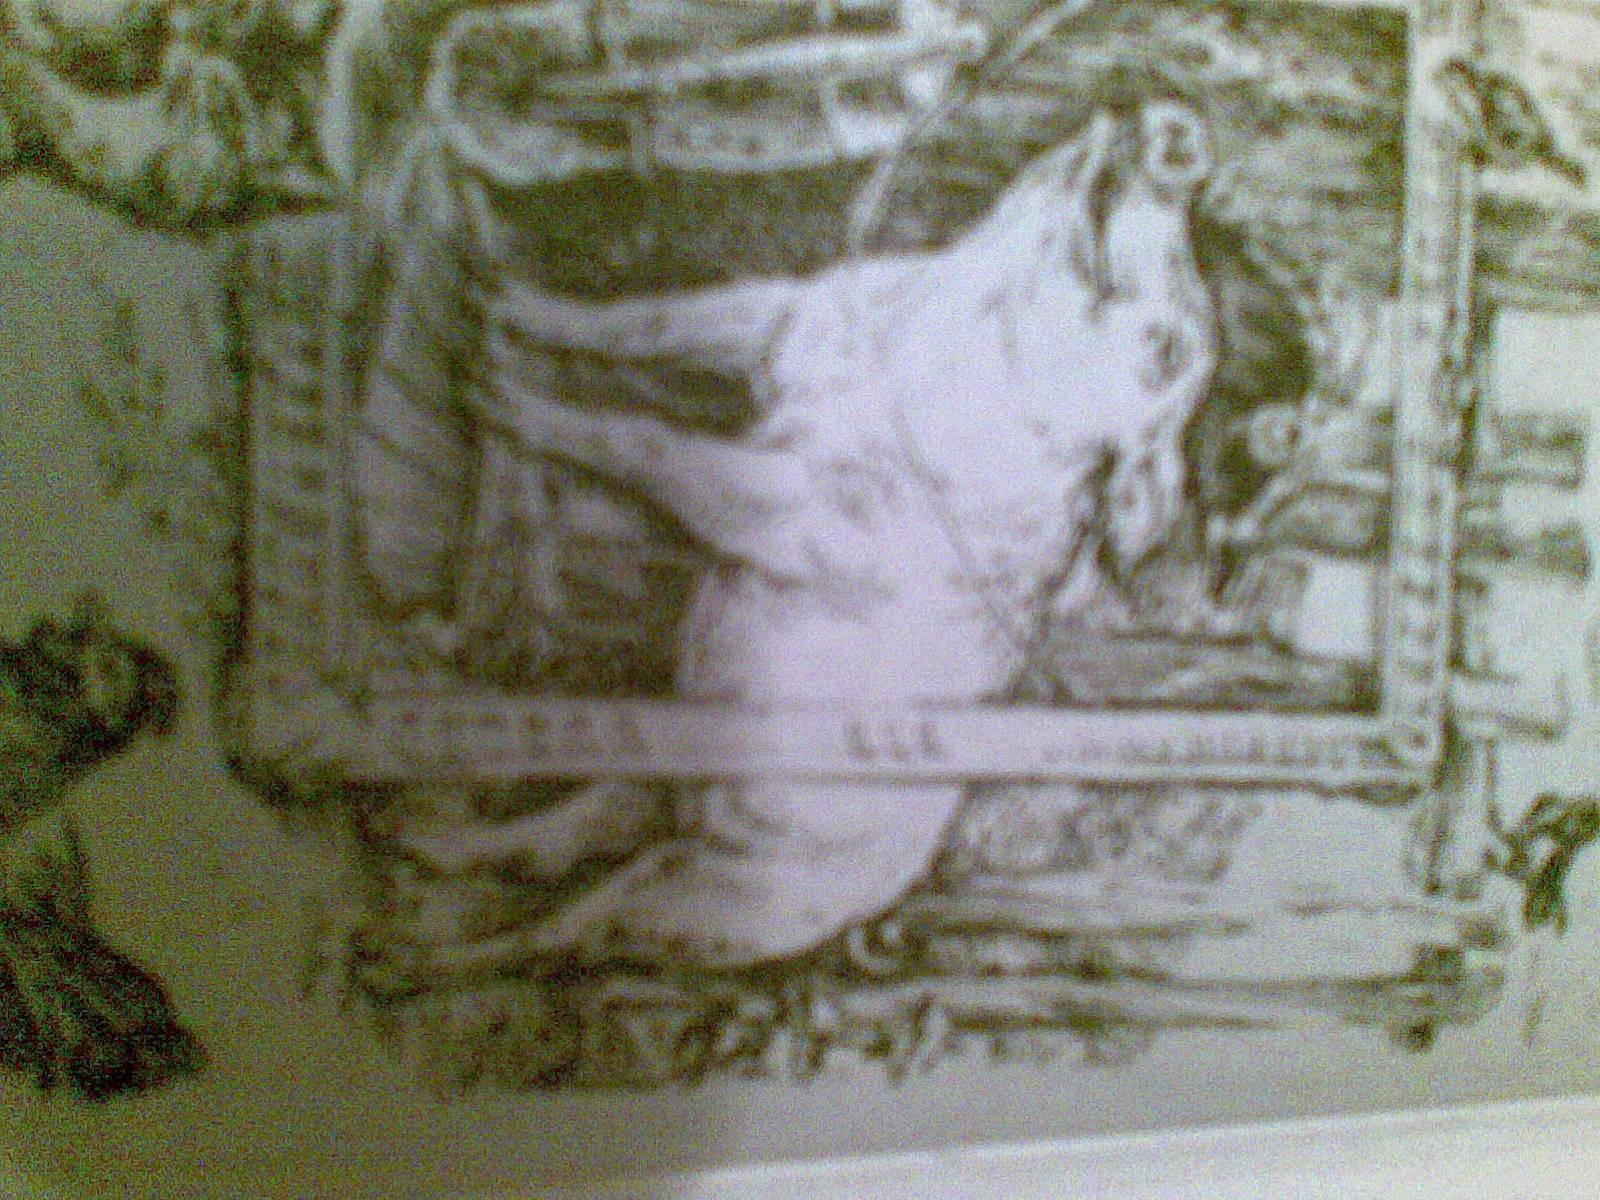 Иллюстрация 1 из 3 для Бейб, знаменитый поросенок: Повести - Дик Кинг-Смит   Лабиринт - книги. Источник: Юлия7